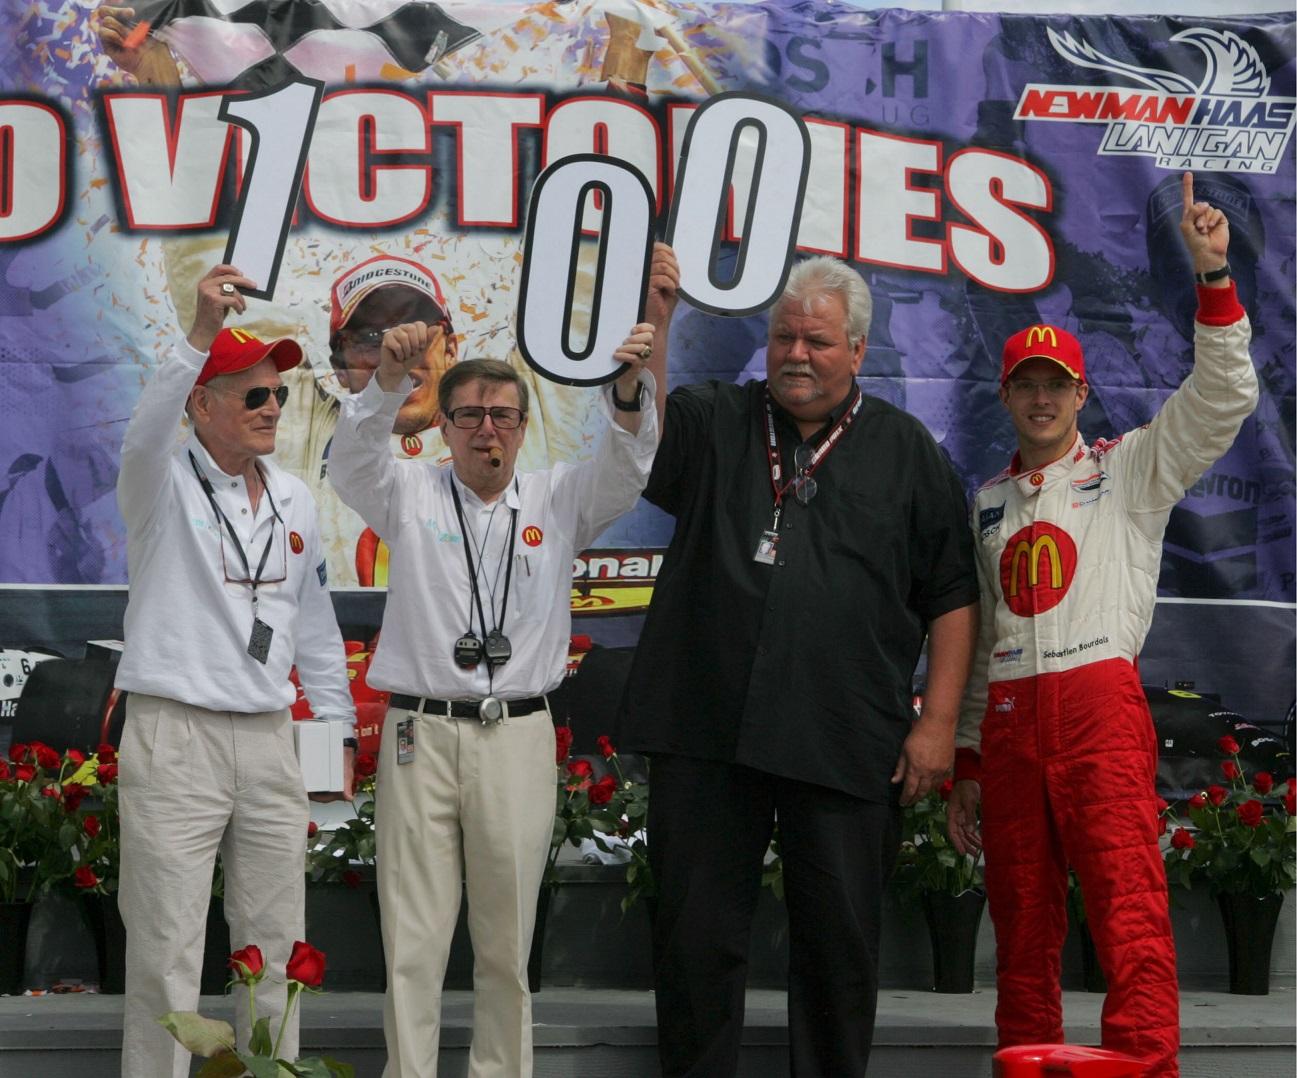 Sébastien Bourdais es el hombre más reciente en ganar en esta pista; en 2007, le dio a Newman-Haas Racing su victoria No. 100 (FOTO: Archivo)